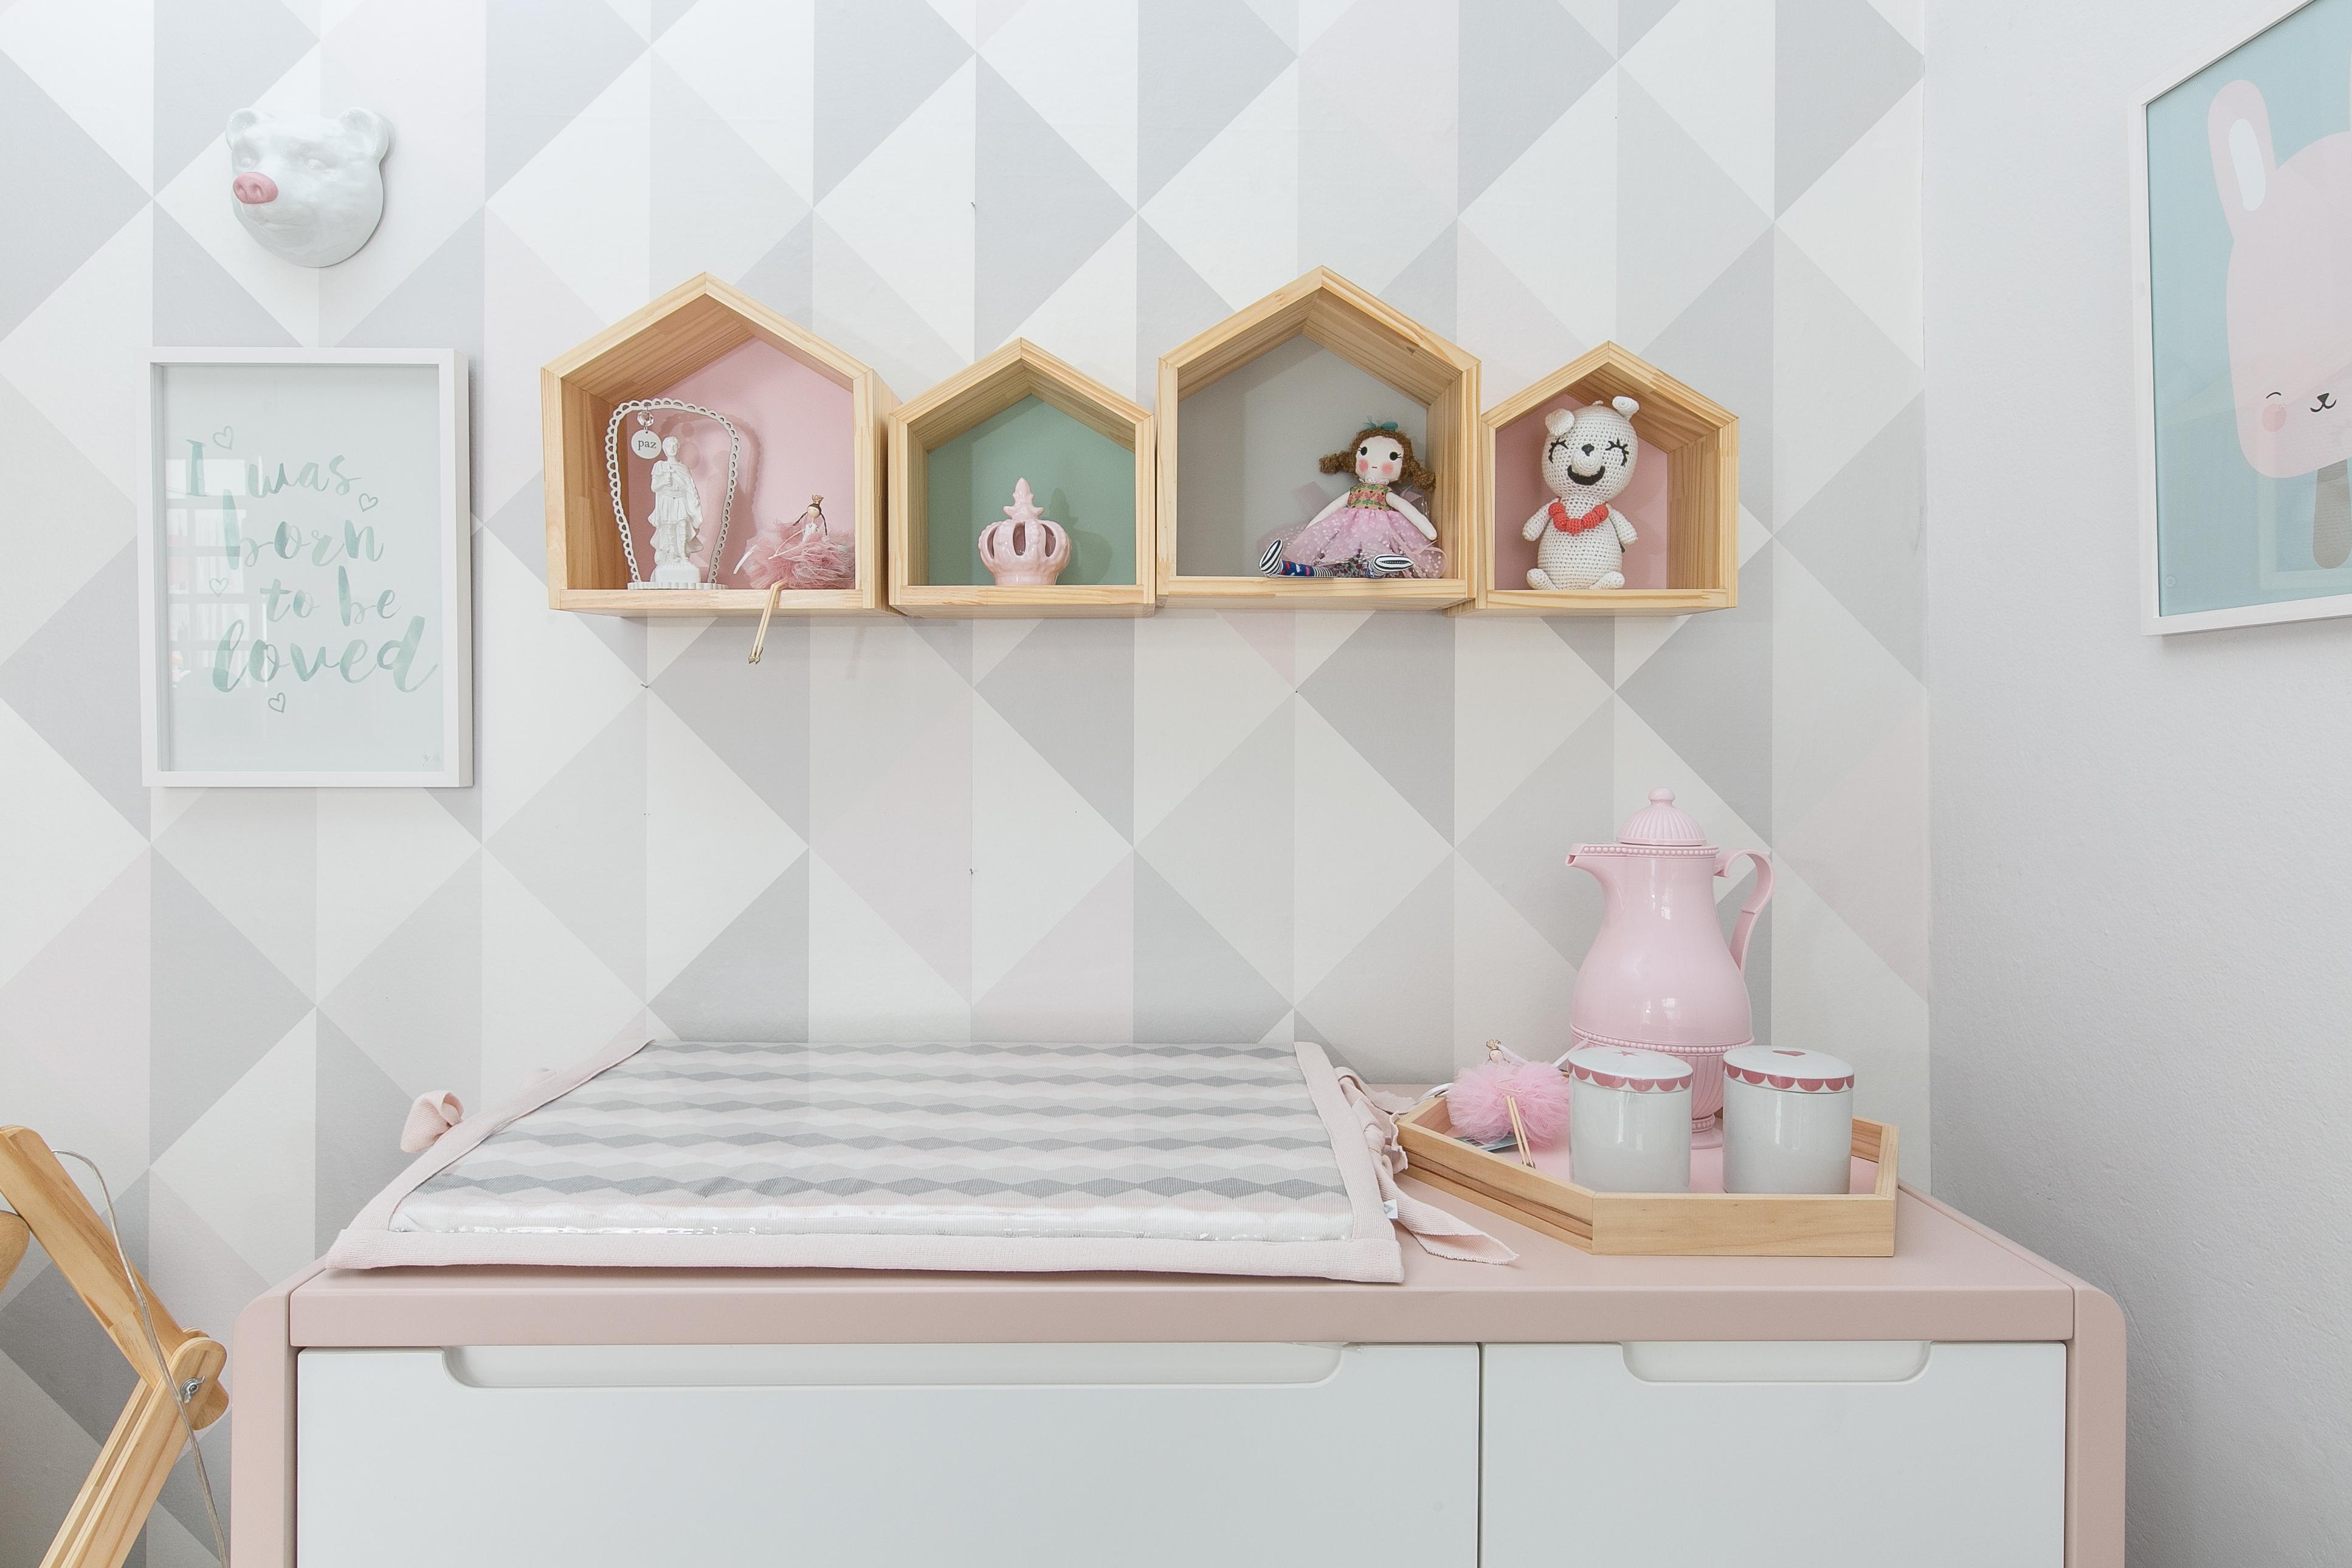 Os Nicho De Bebe ~ Nicho casinhaé tend u00eancia na decoraç u00e3o do quarto de beb u00ea